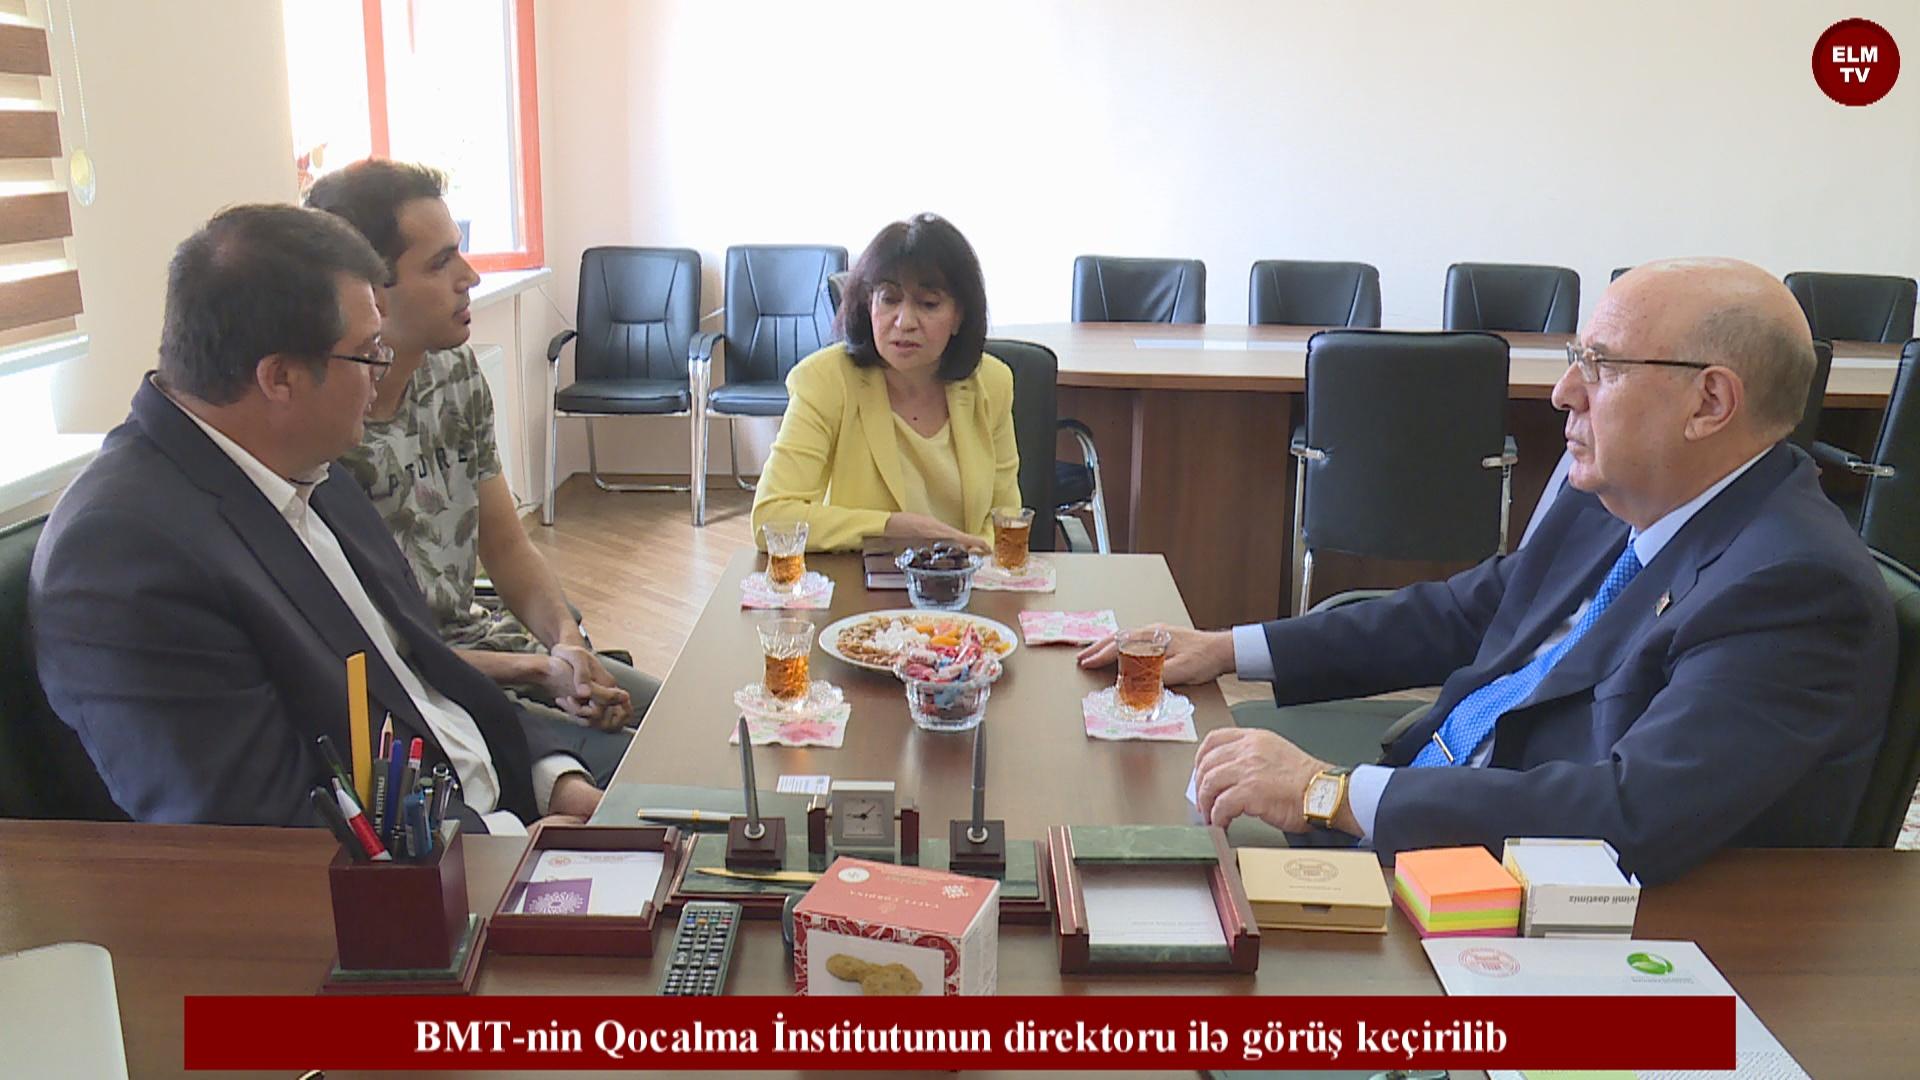 BMT-nin Qocalma İnstitutunun direktoru ilə görüş keçirilib